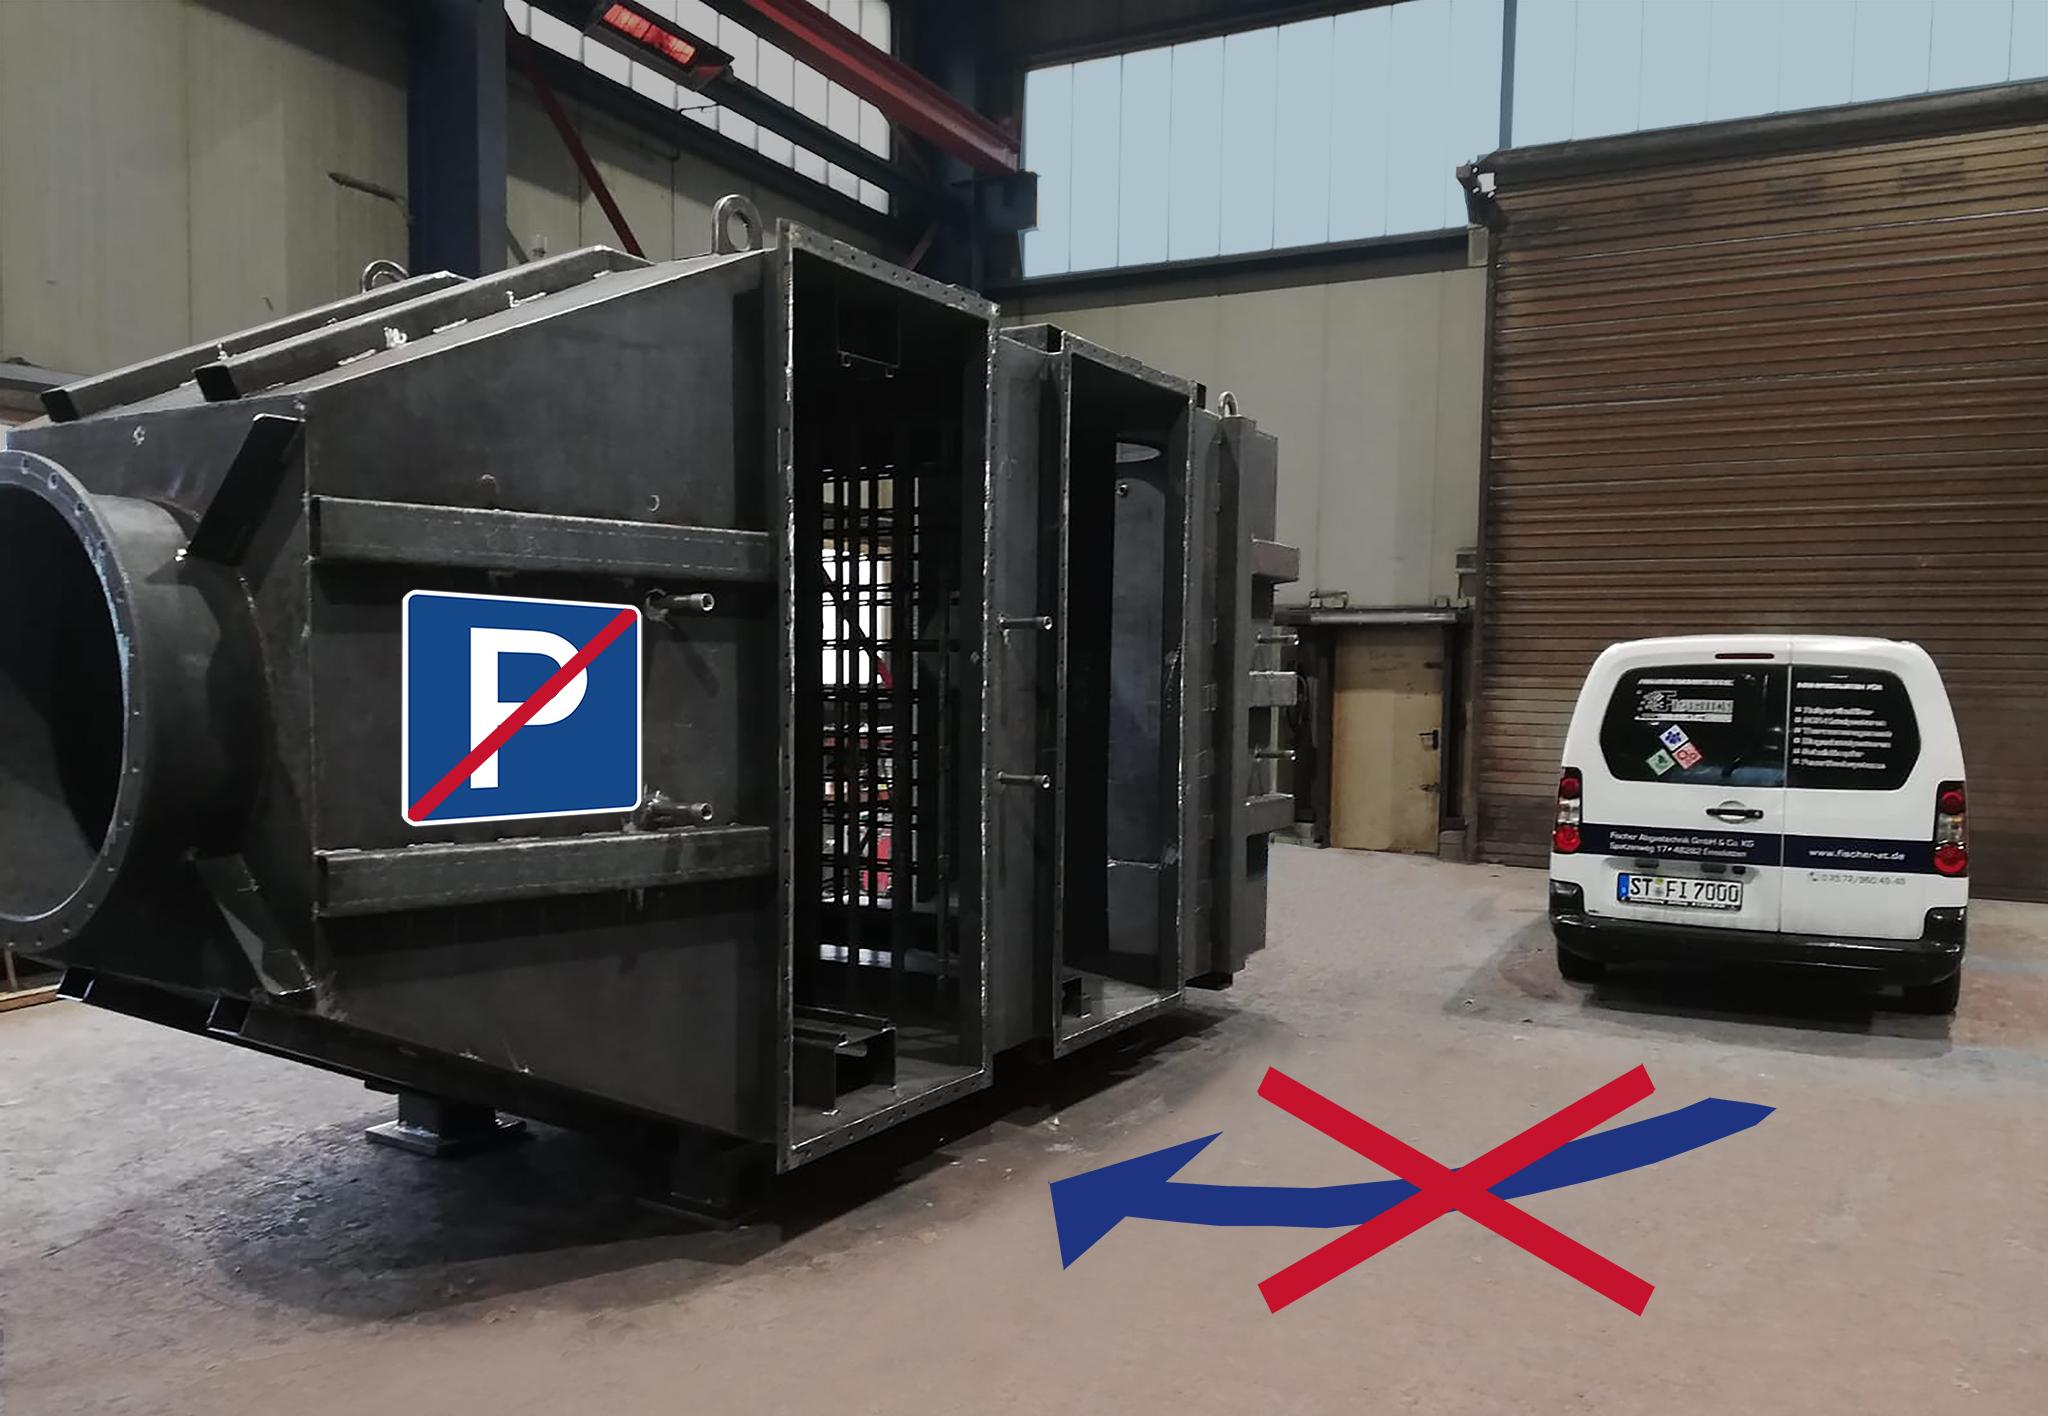 Das ist keine Garage - sondern ein Rußfilter ;-)